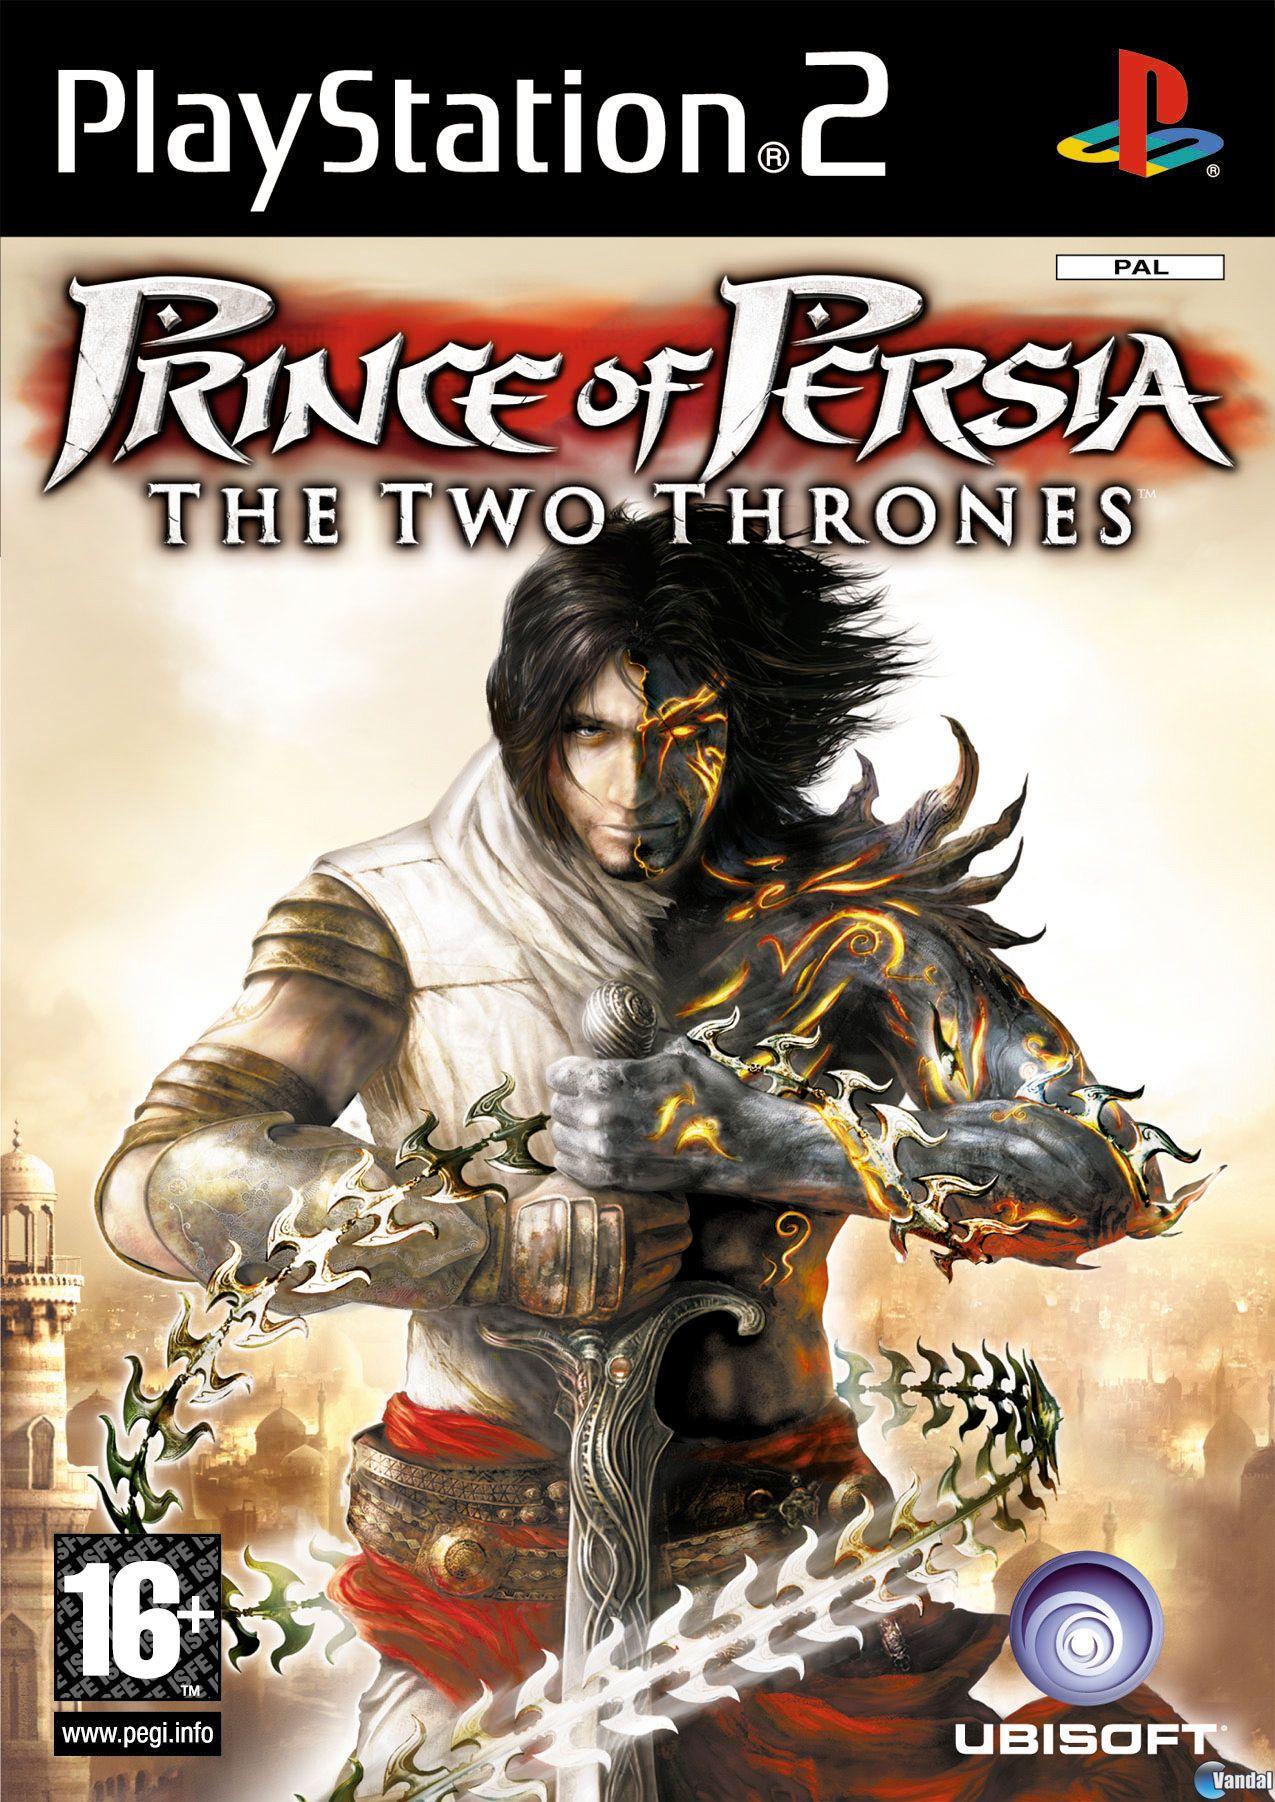 Pin De Francisco Diaz En Playstation Juegos Ps2 Playstation 2 Y